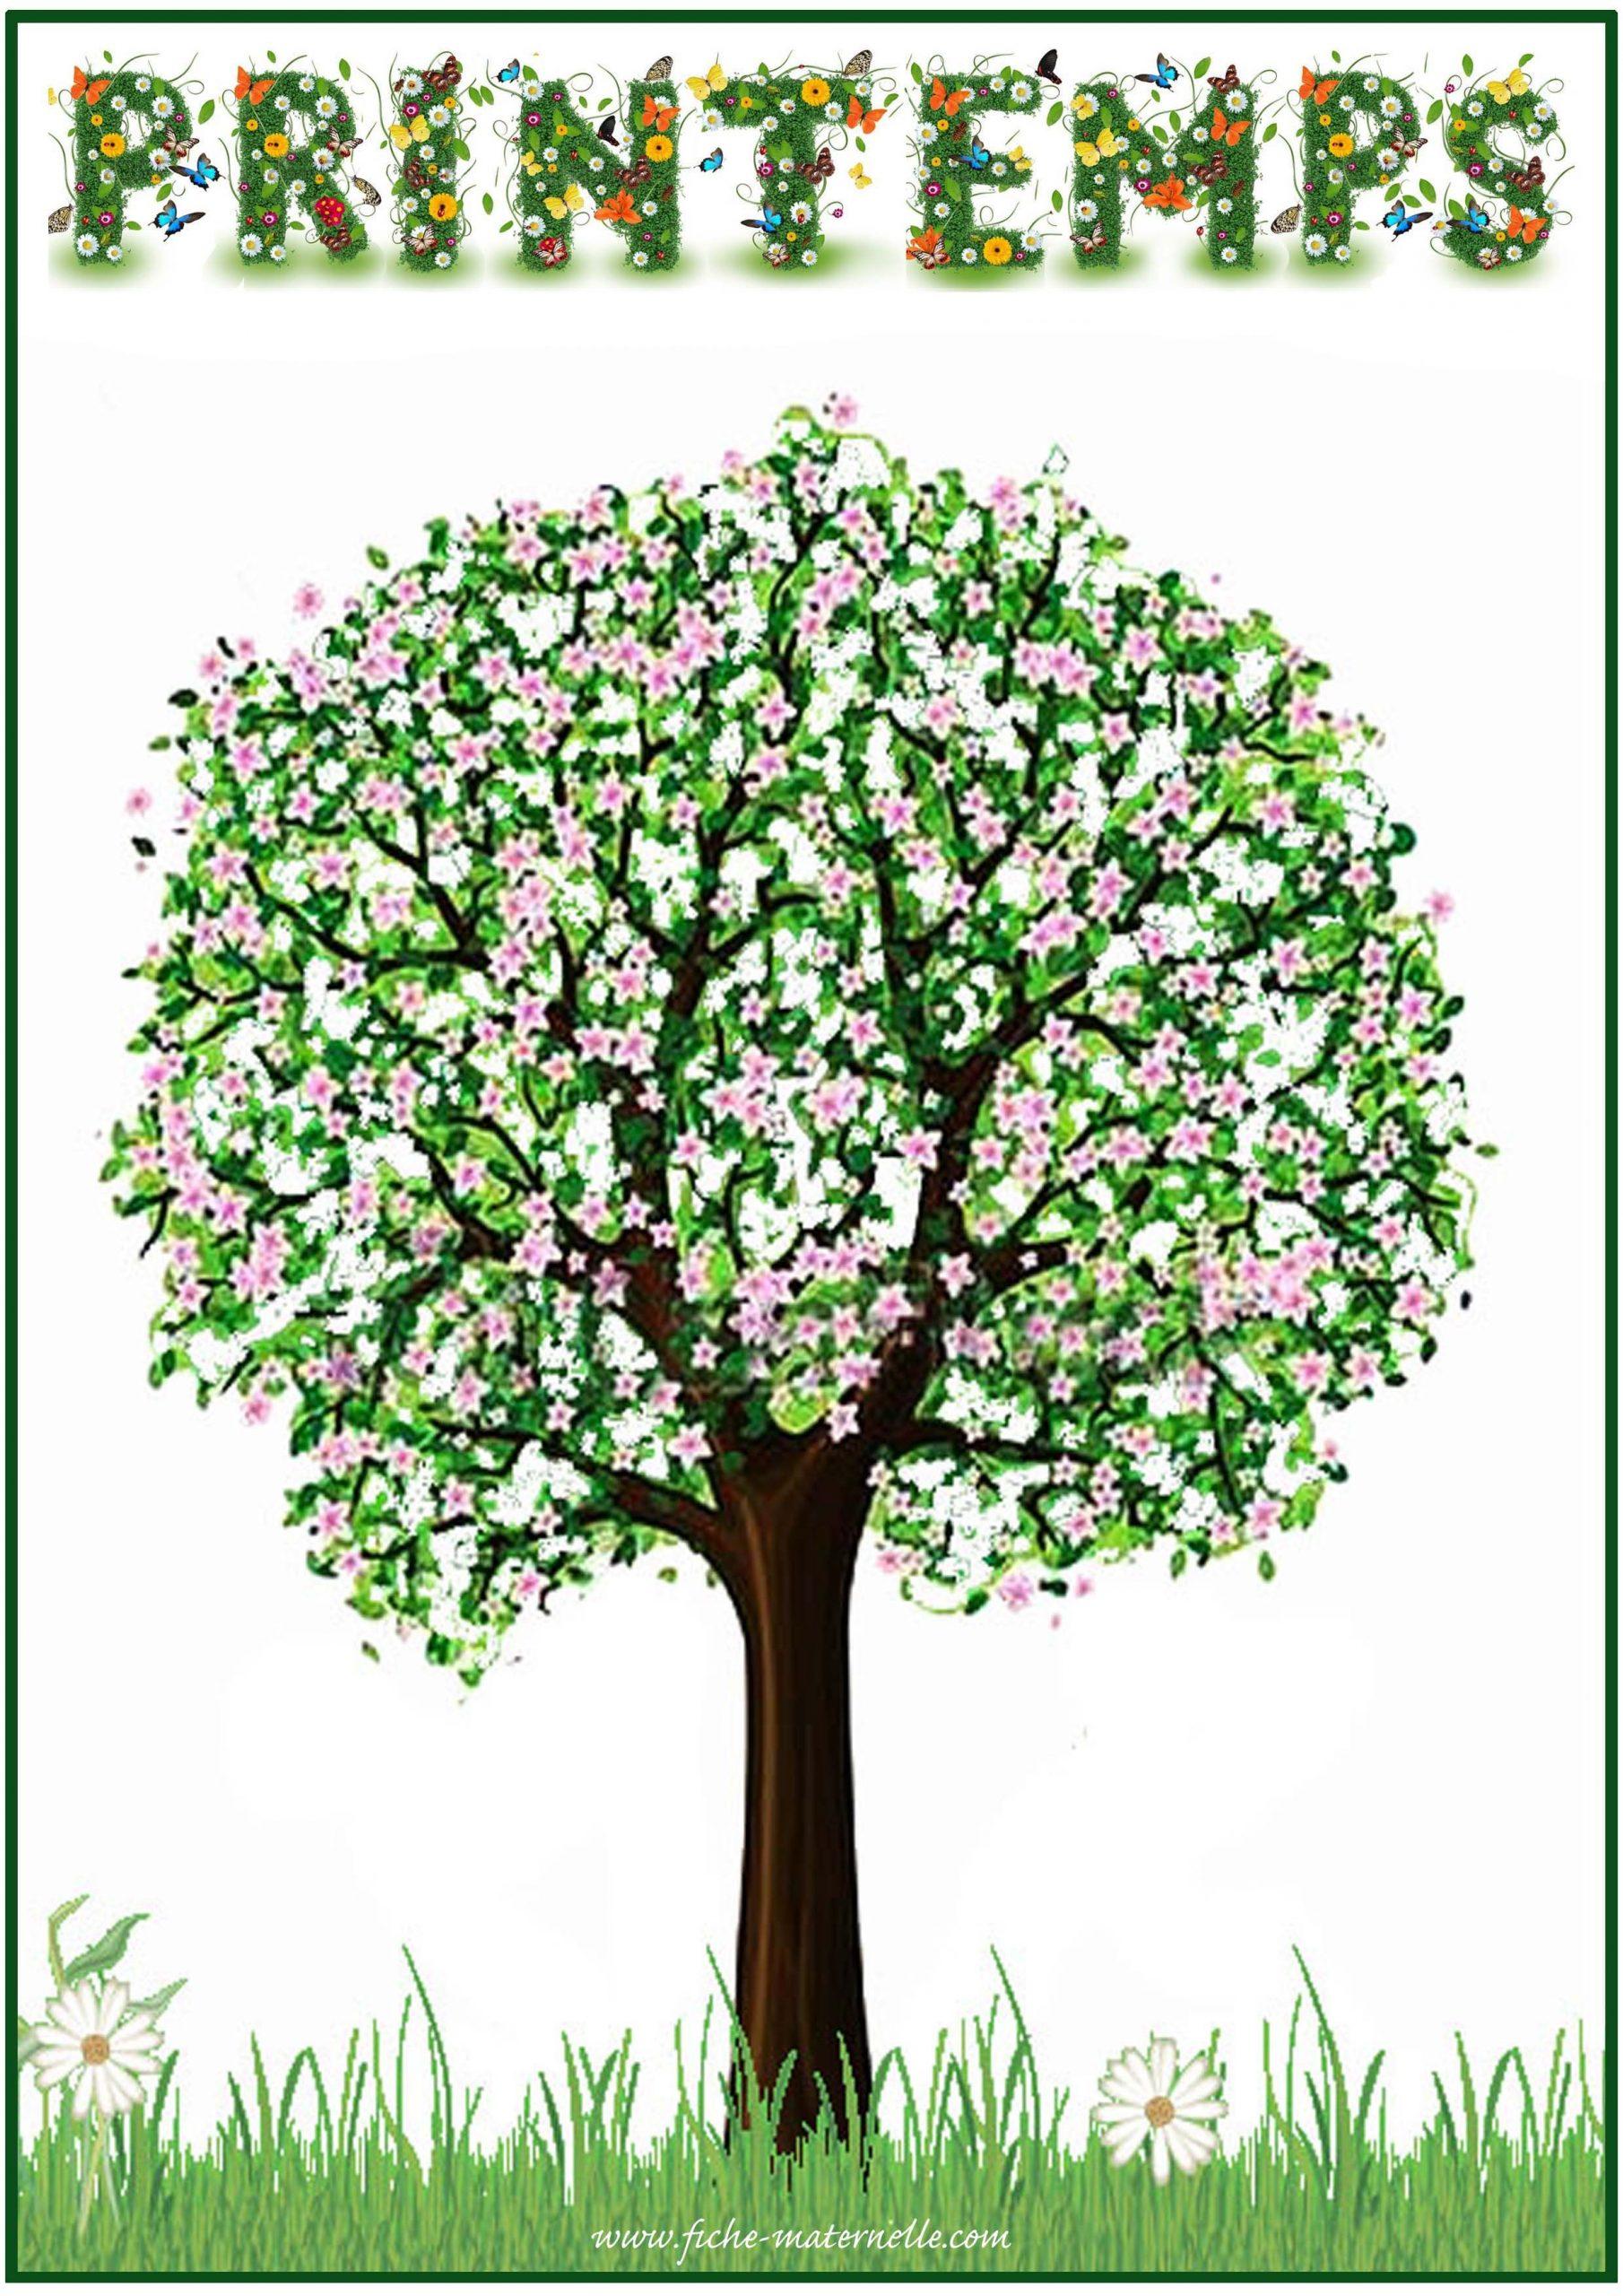 Affichage Des Saisons En Maternelle | Saisons Maternelles destiné Apprendre Les Saisons En Maternelle